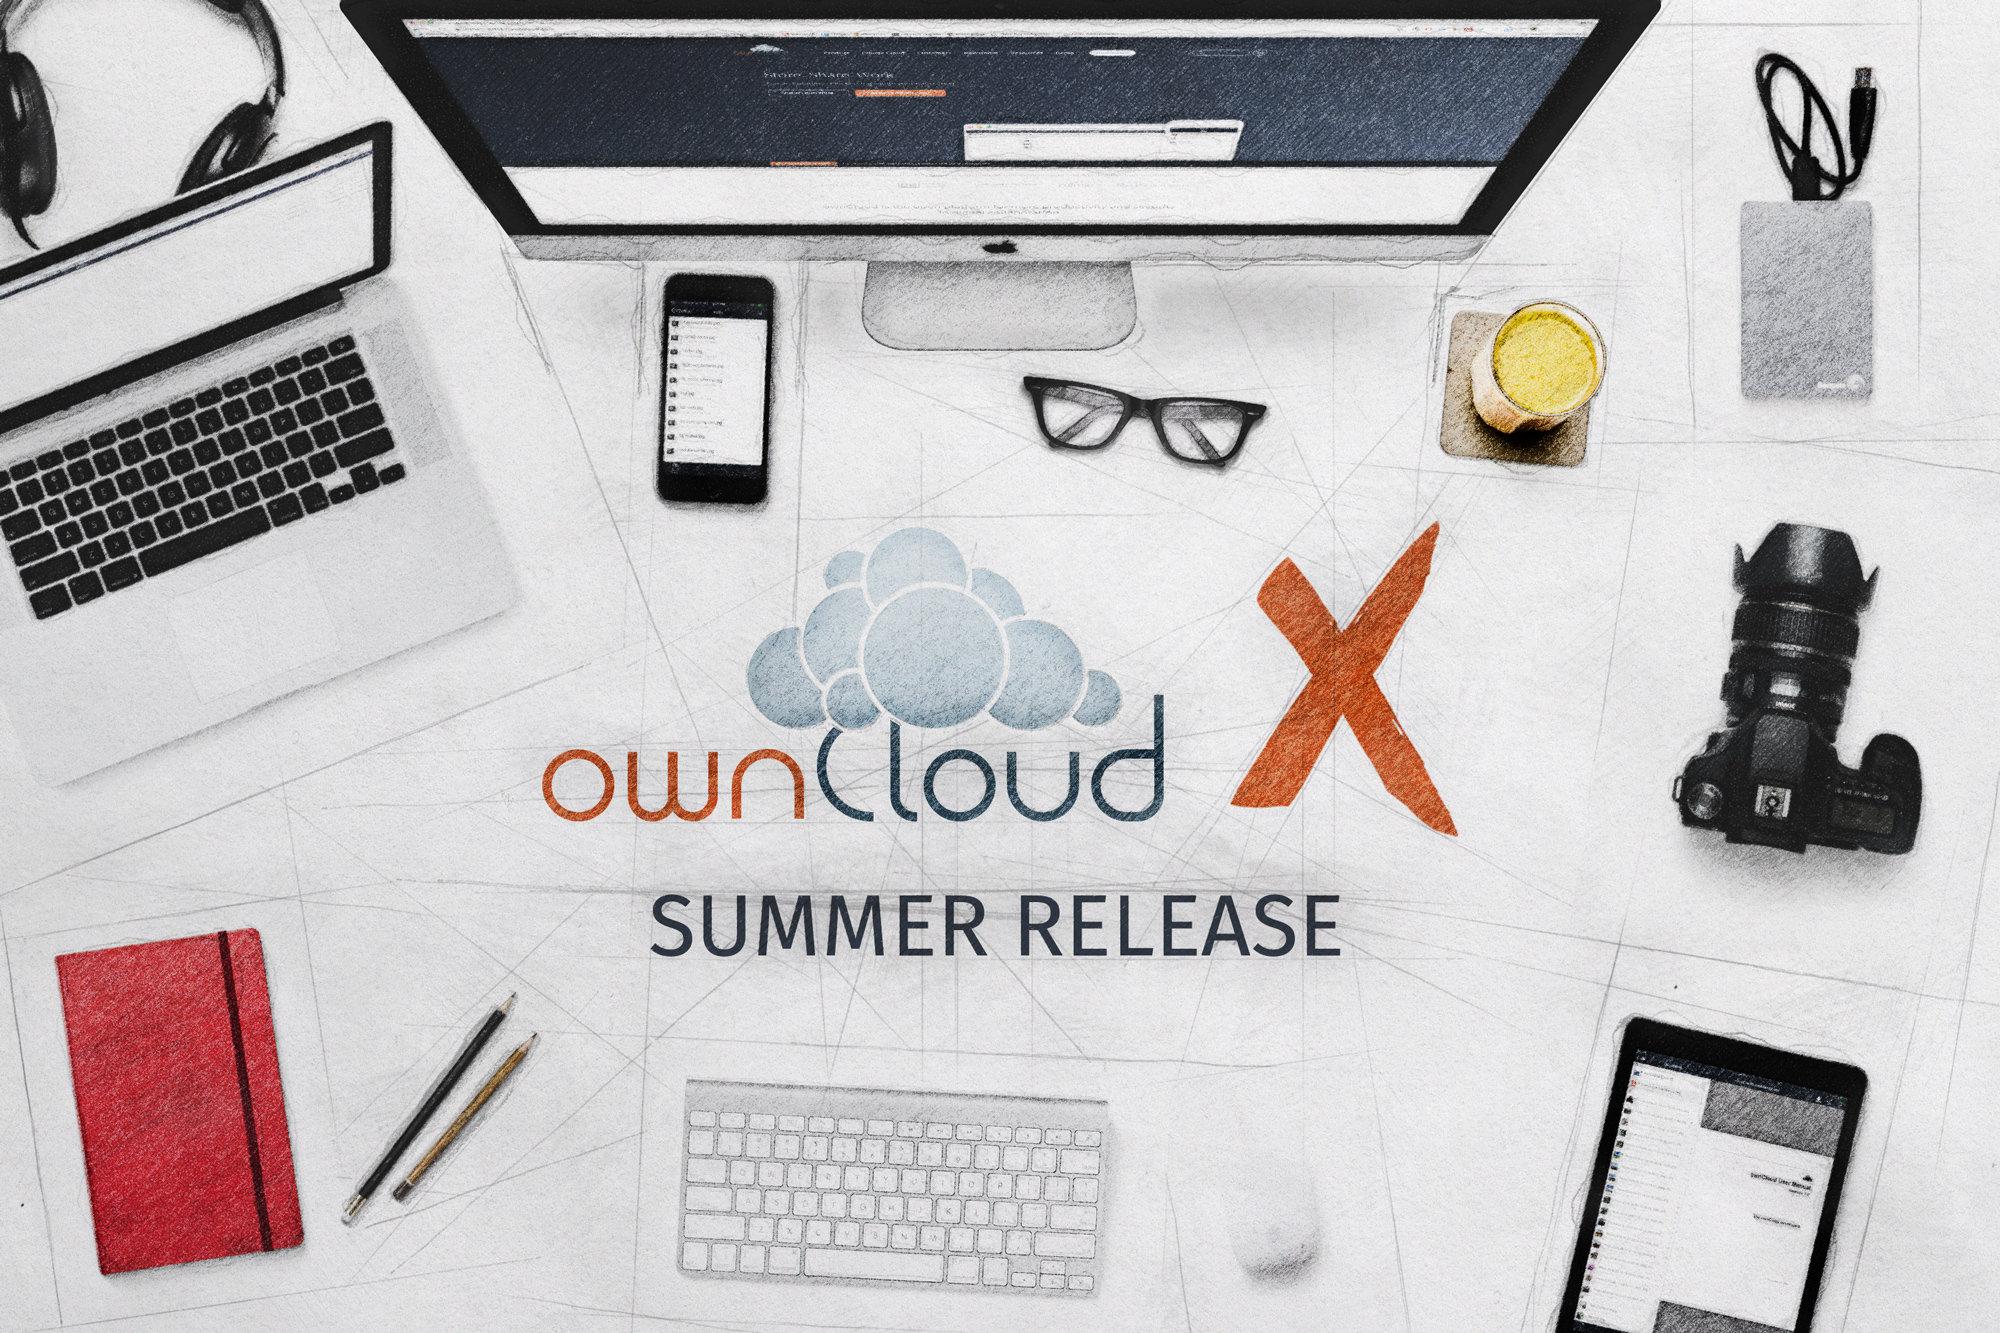 ownCloud X Summemer Release